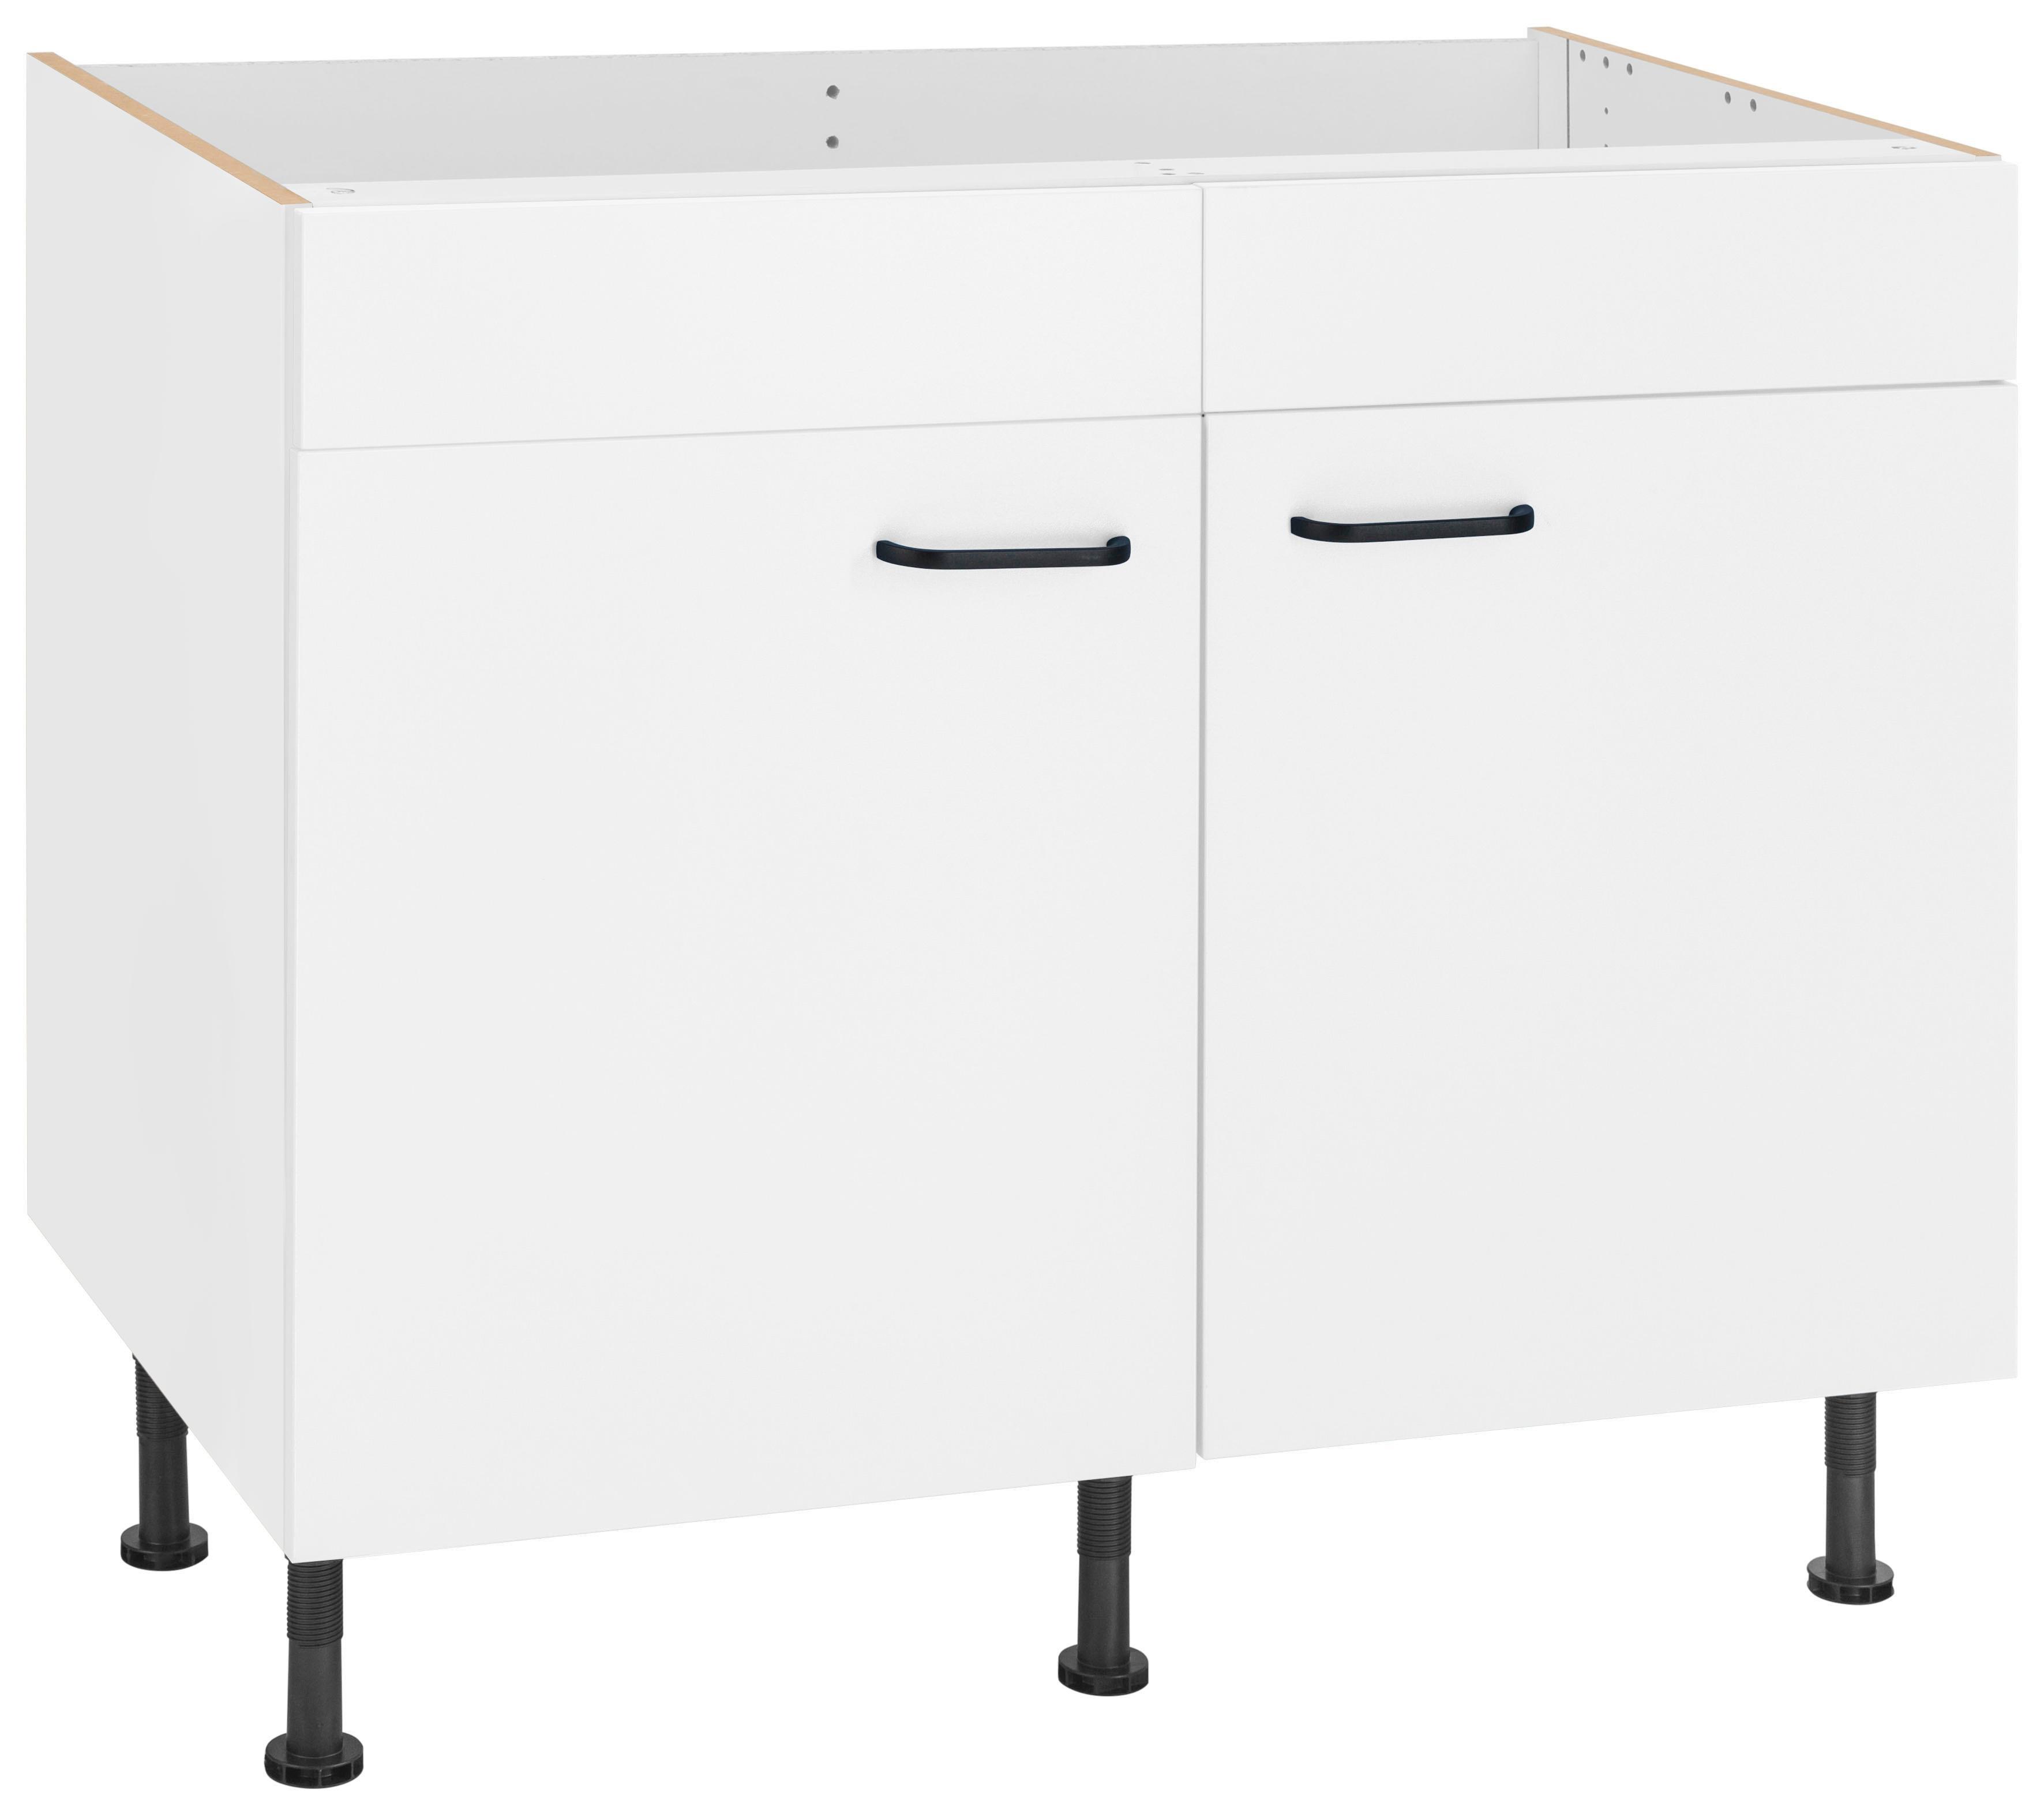 OPTIFIT Spülenschrank Elga Breite 100 cm | Küche und Esszimmer > Küchenschränke > Spülenschränke | Weiß | Nachbildung - Eiche - Melamin | Optifit